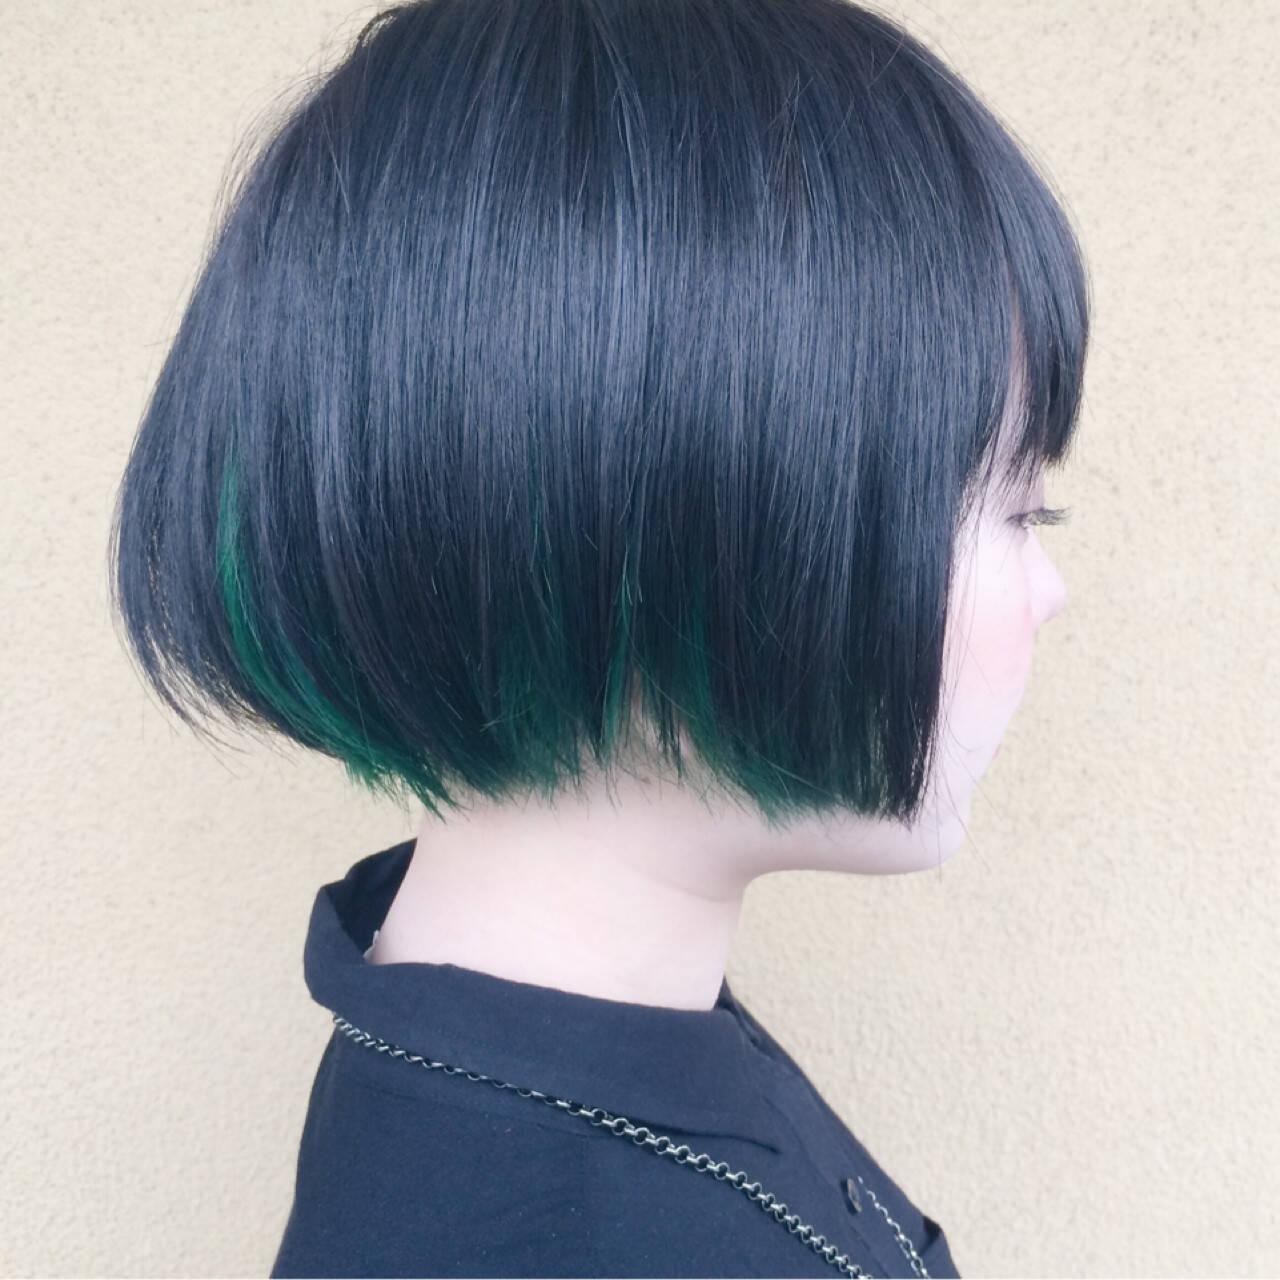 インナーカラー モード ショート ブリーチヘアスタイルや髪型の写真・画像